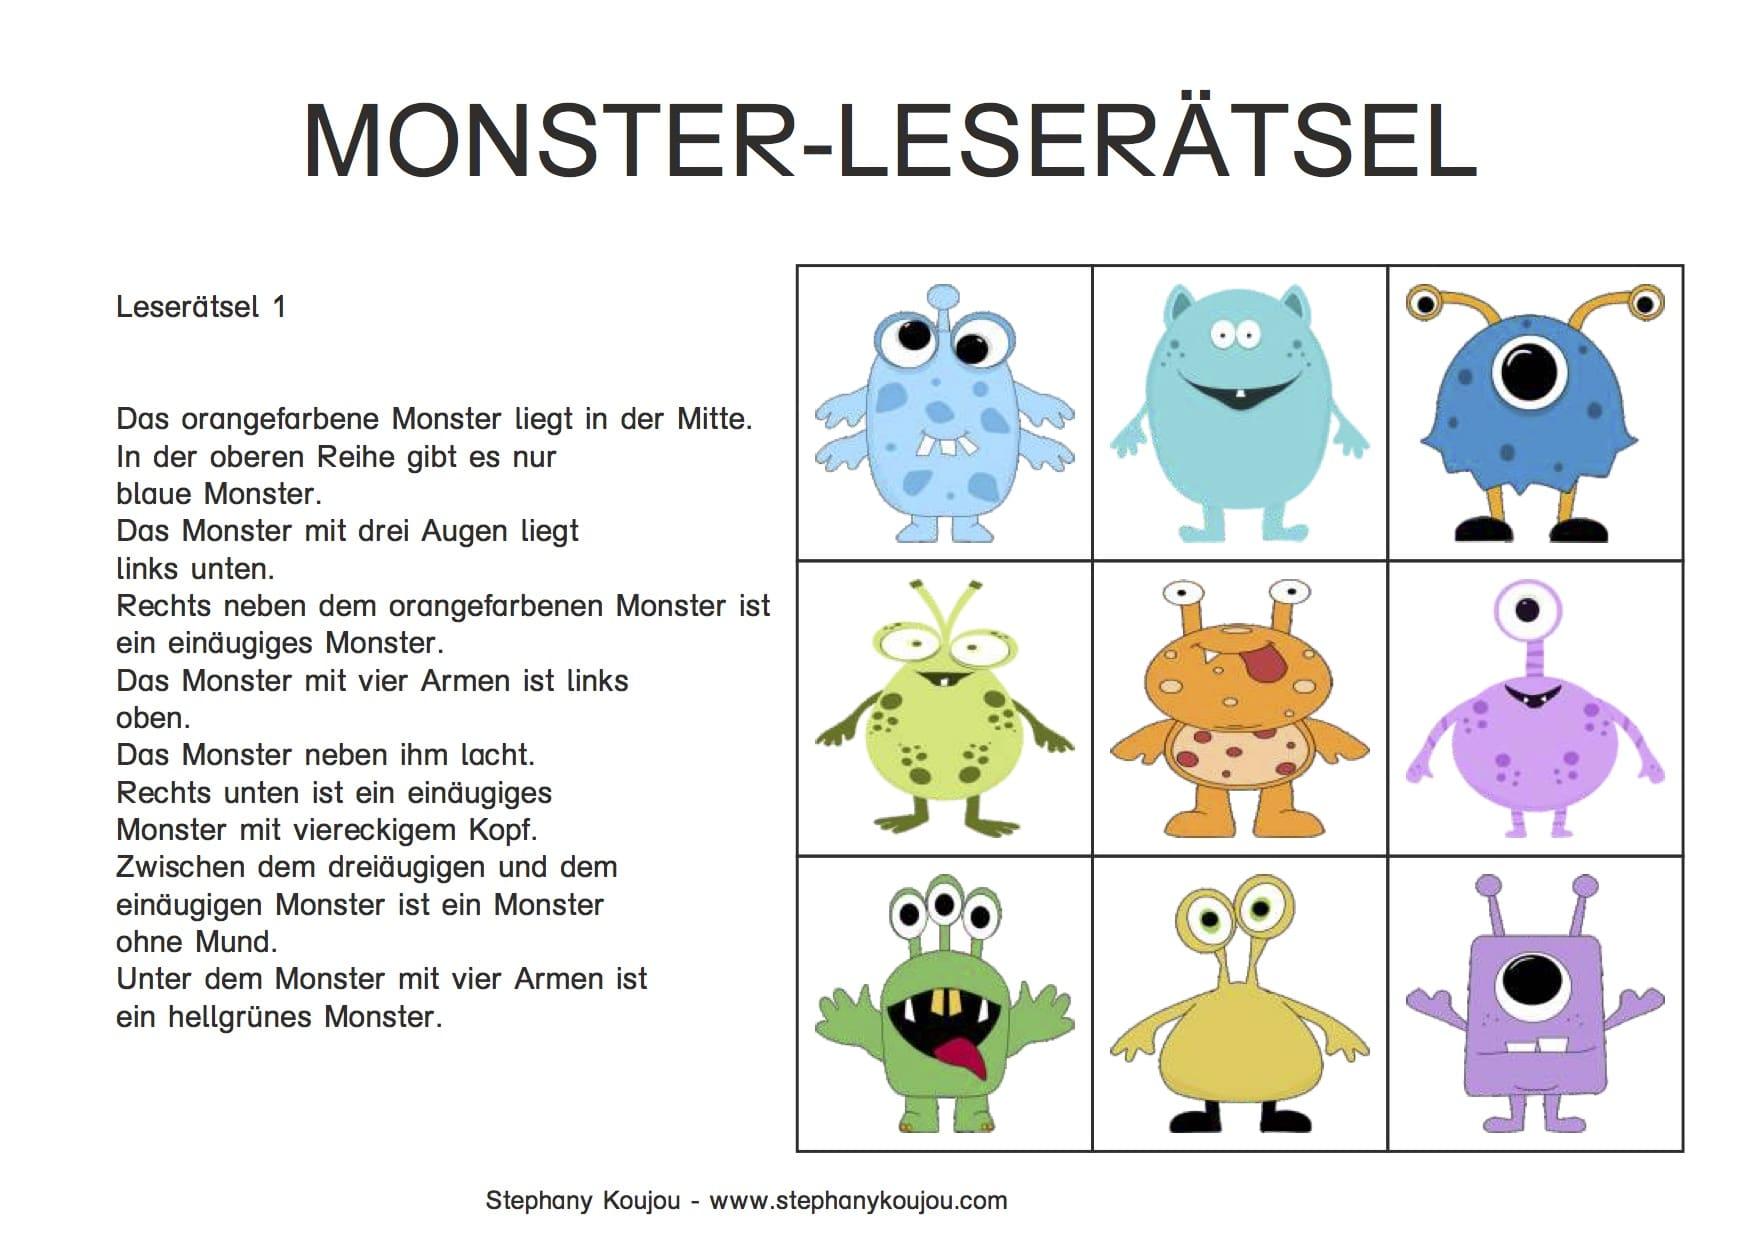 Monster, lesen, knobeln, Rätsel